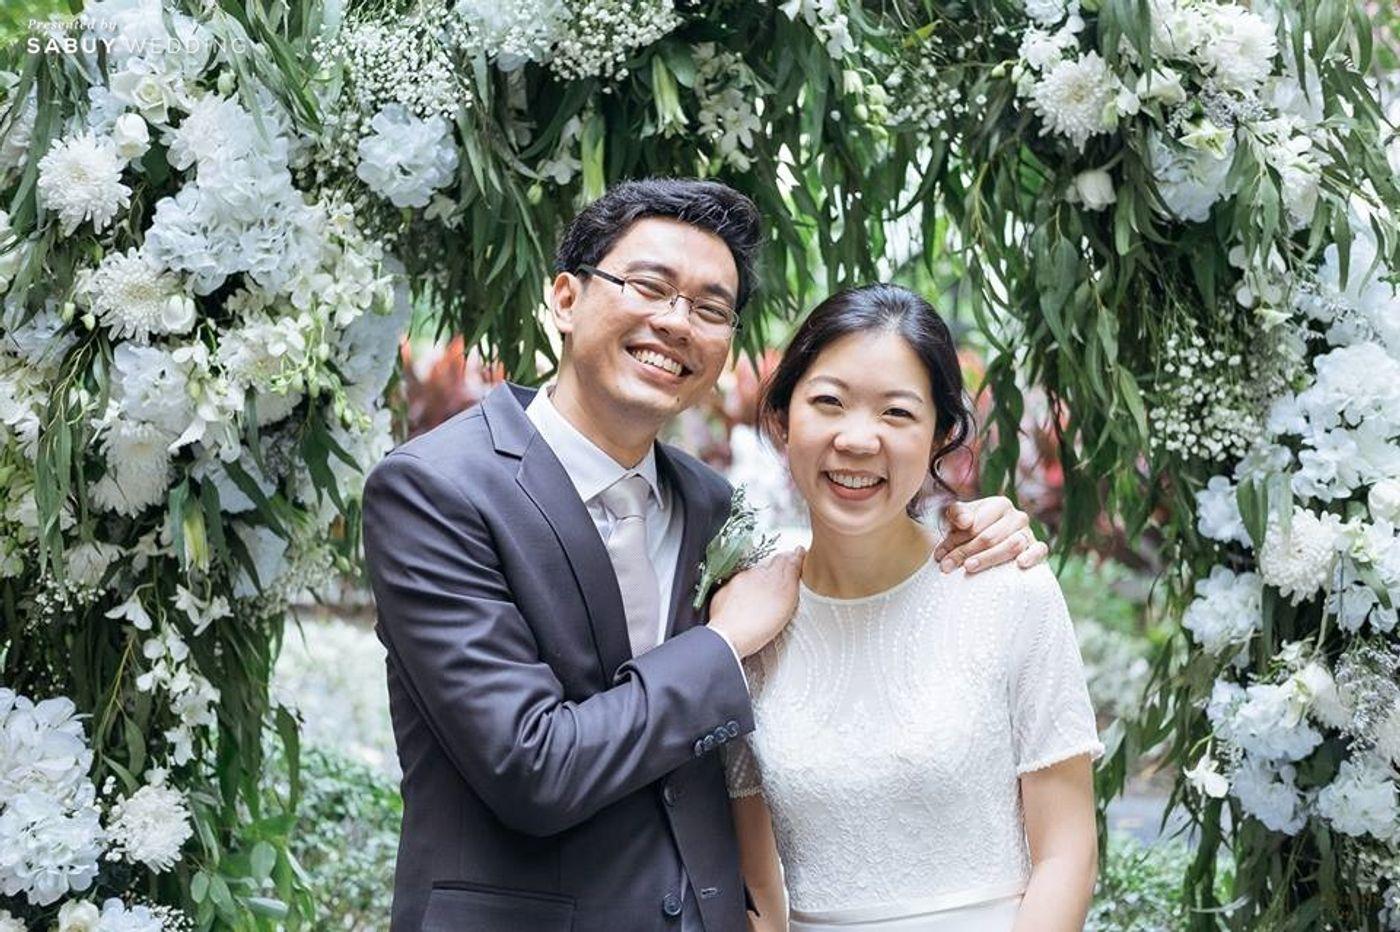 บ่าวสาว,ชุดบ่าวสาว,รูปงานแต่ง,จัดดอกไม้งานแต่ง รีวิวงานแต่งโรแมนติกมินิมอล อบอุ่นความหวาน ท่ามกลางร่มไม้ในสวน @The Gardens of Dinsor Palace